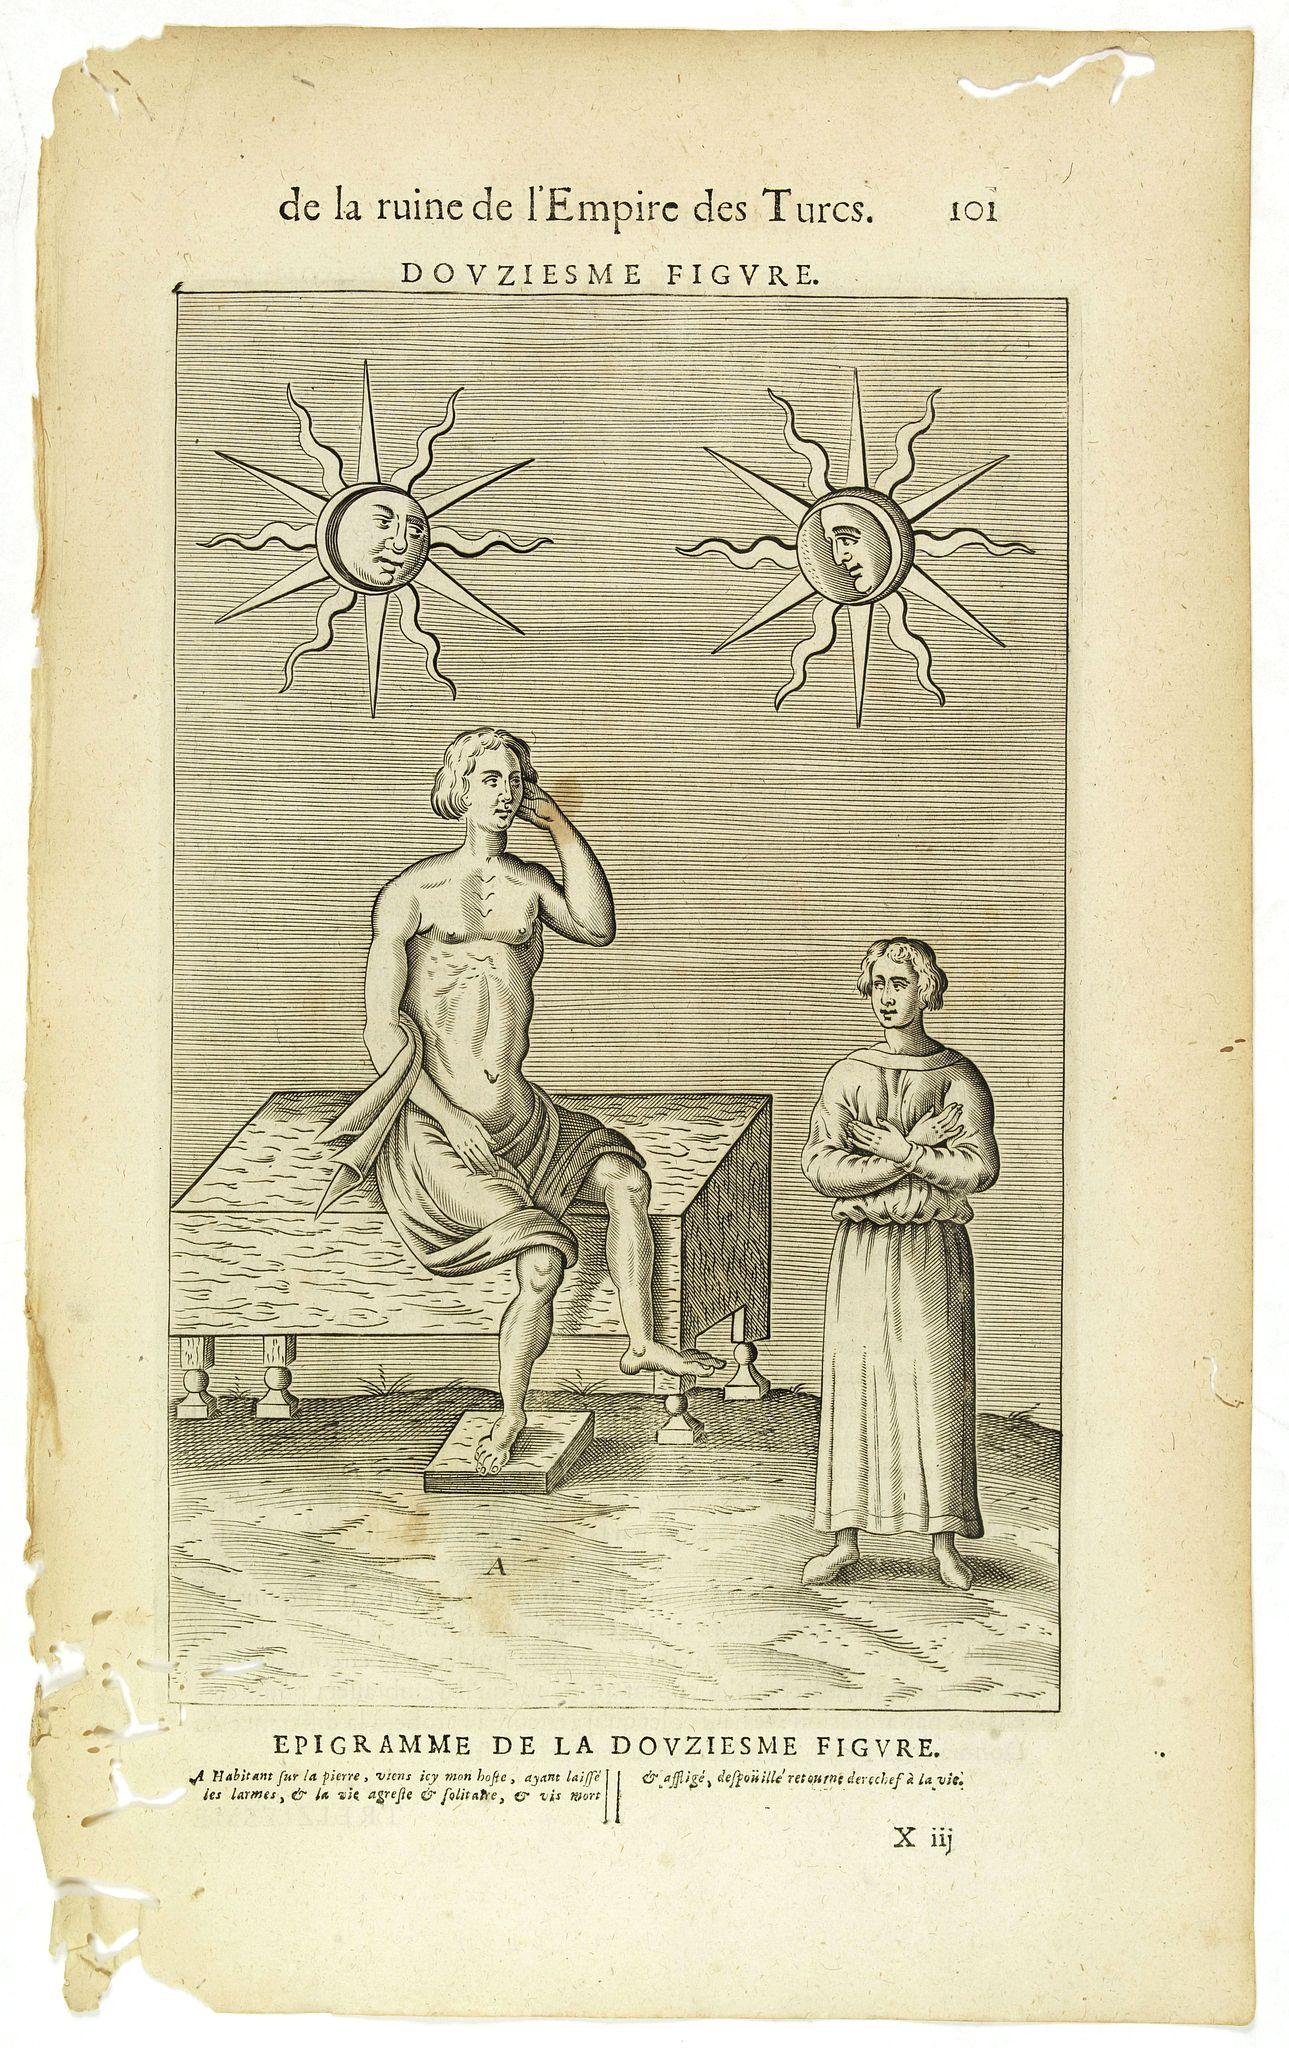 NICOLAS DE NICOLAY, Thomas Artus (sieur d'Embry). -  De la Ruine de l'Empire des Turcs Douziesme figure  / Epigramme de la Douziesme figure. (101)